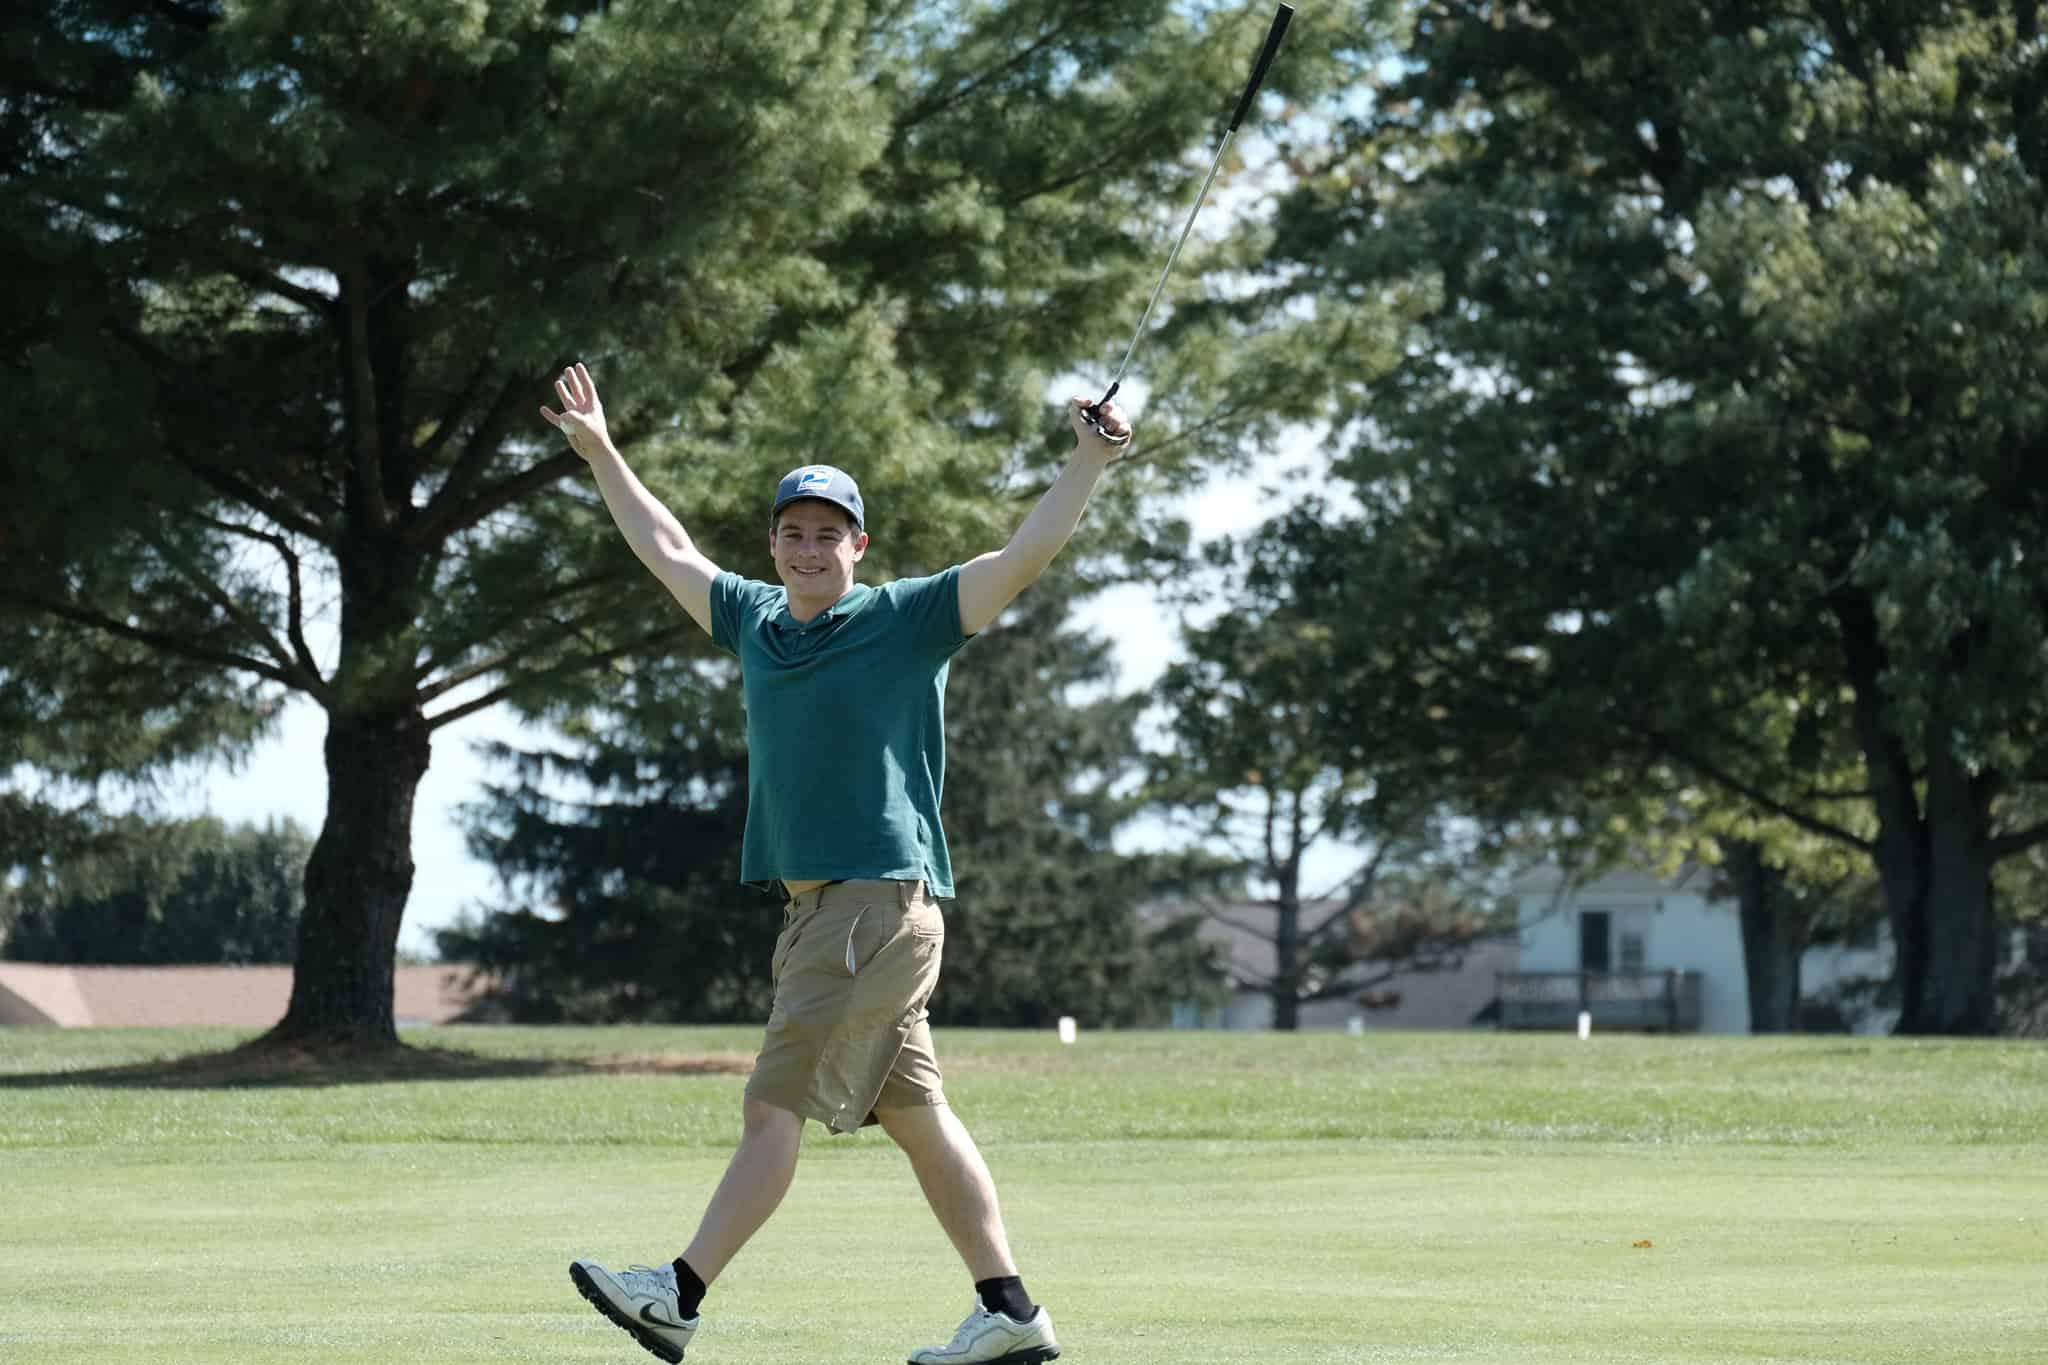 GolfOuting2019 (21 of 61)